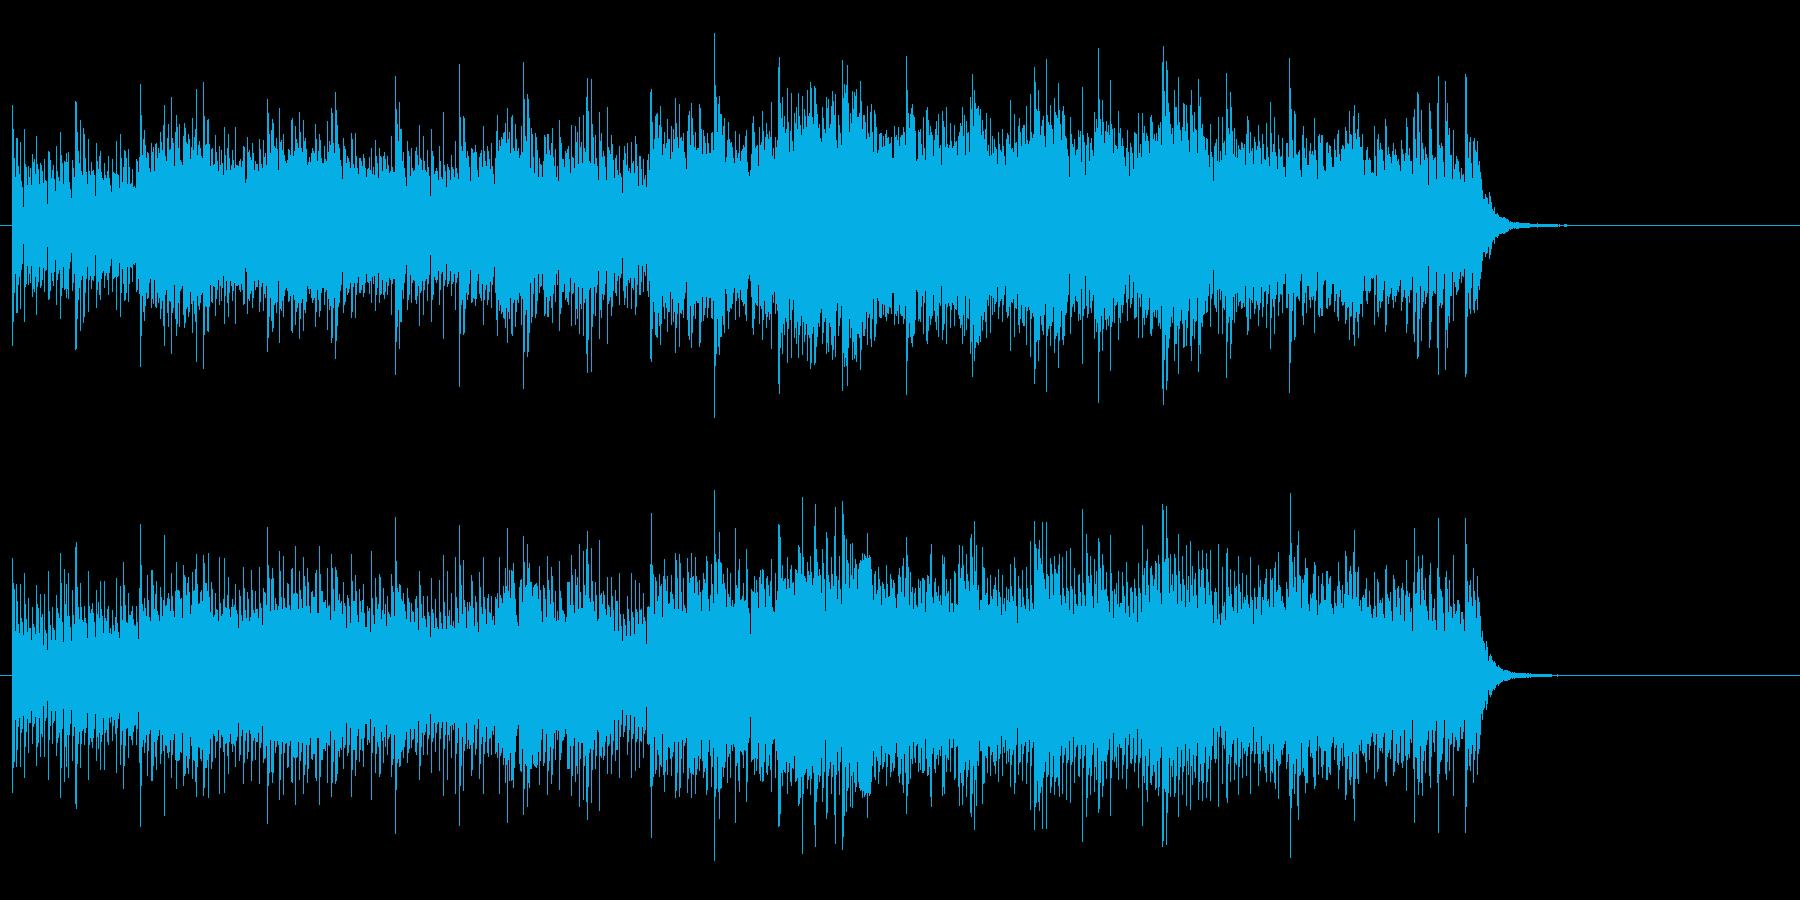 エキゾチック・ムードのメロ無しBGMの再生済みの波形